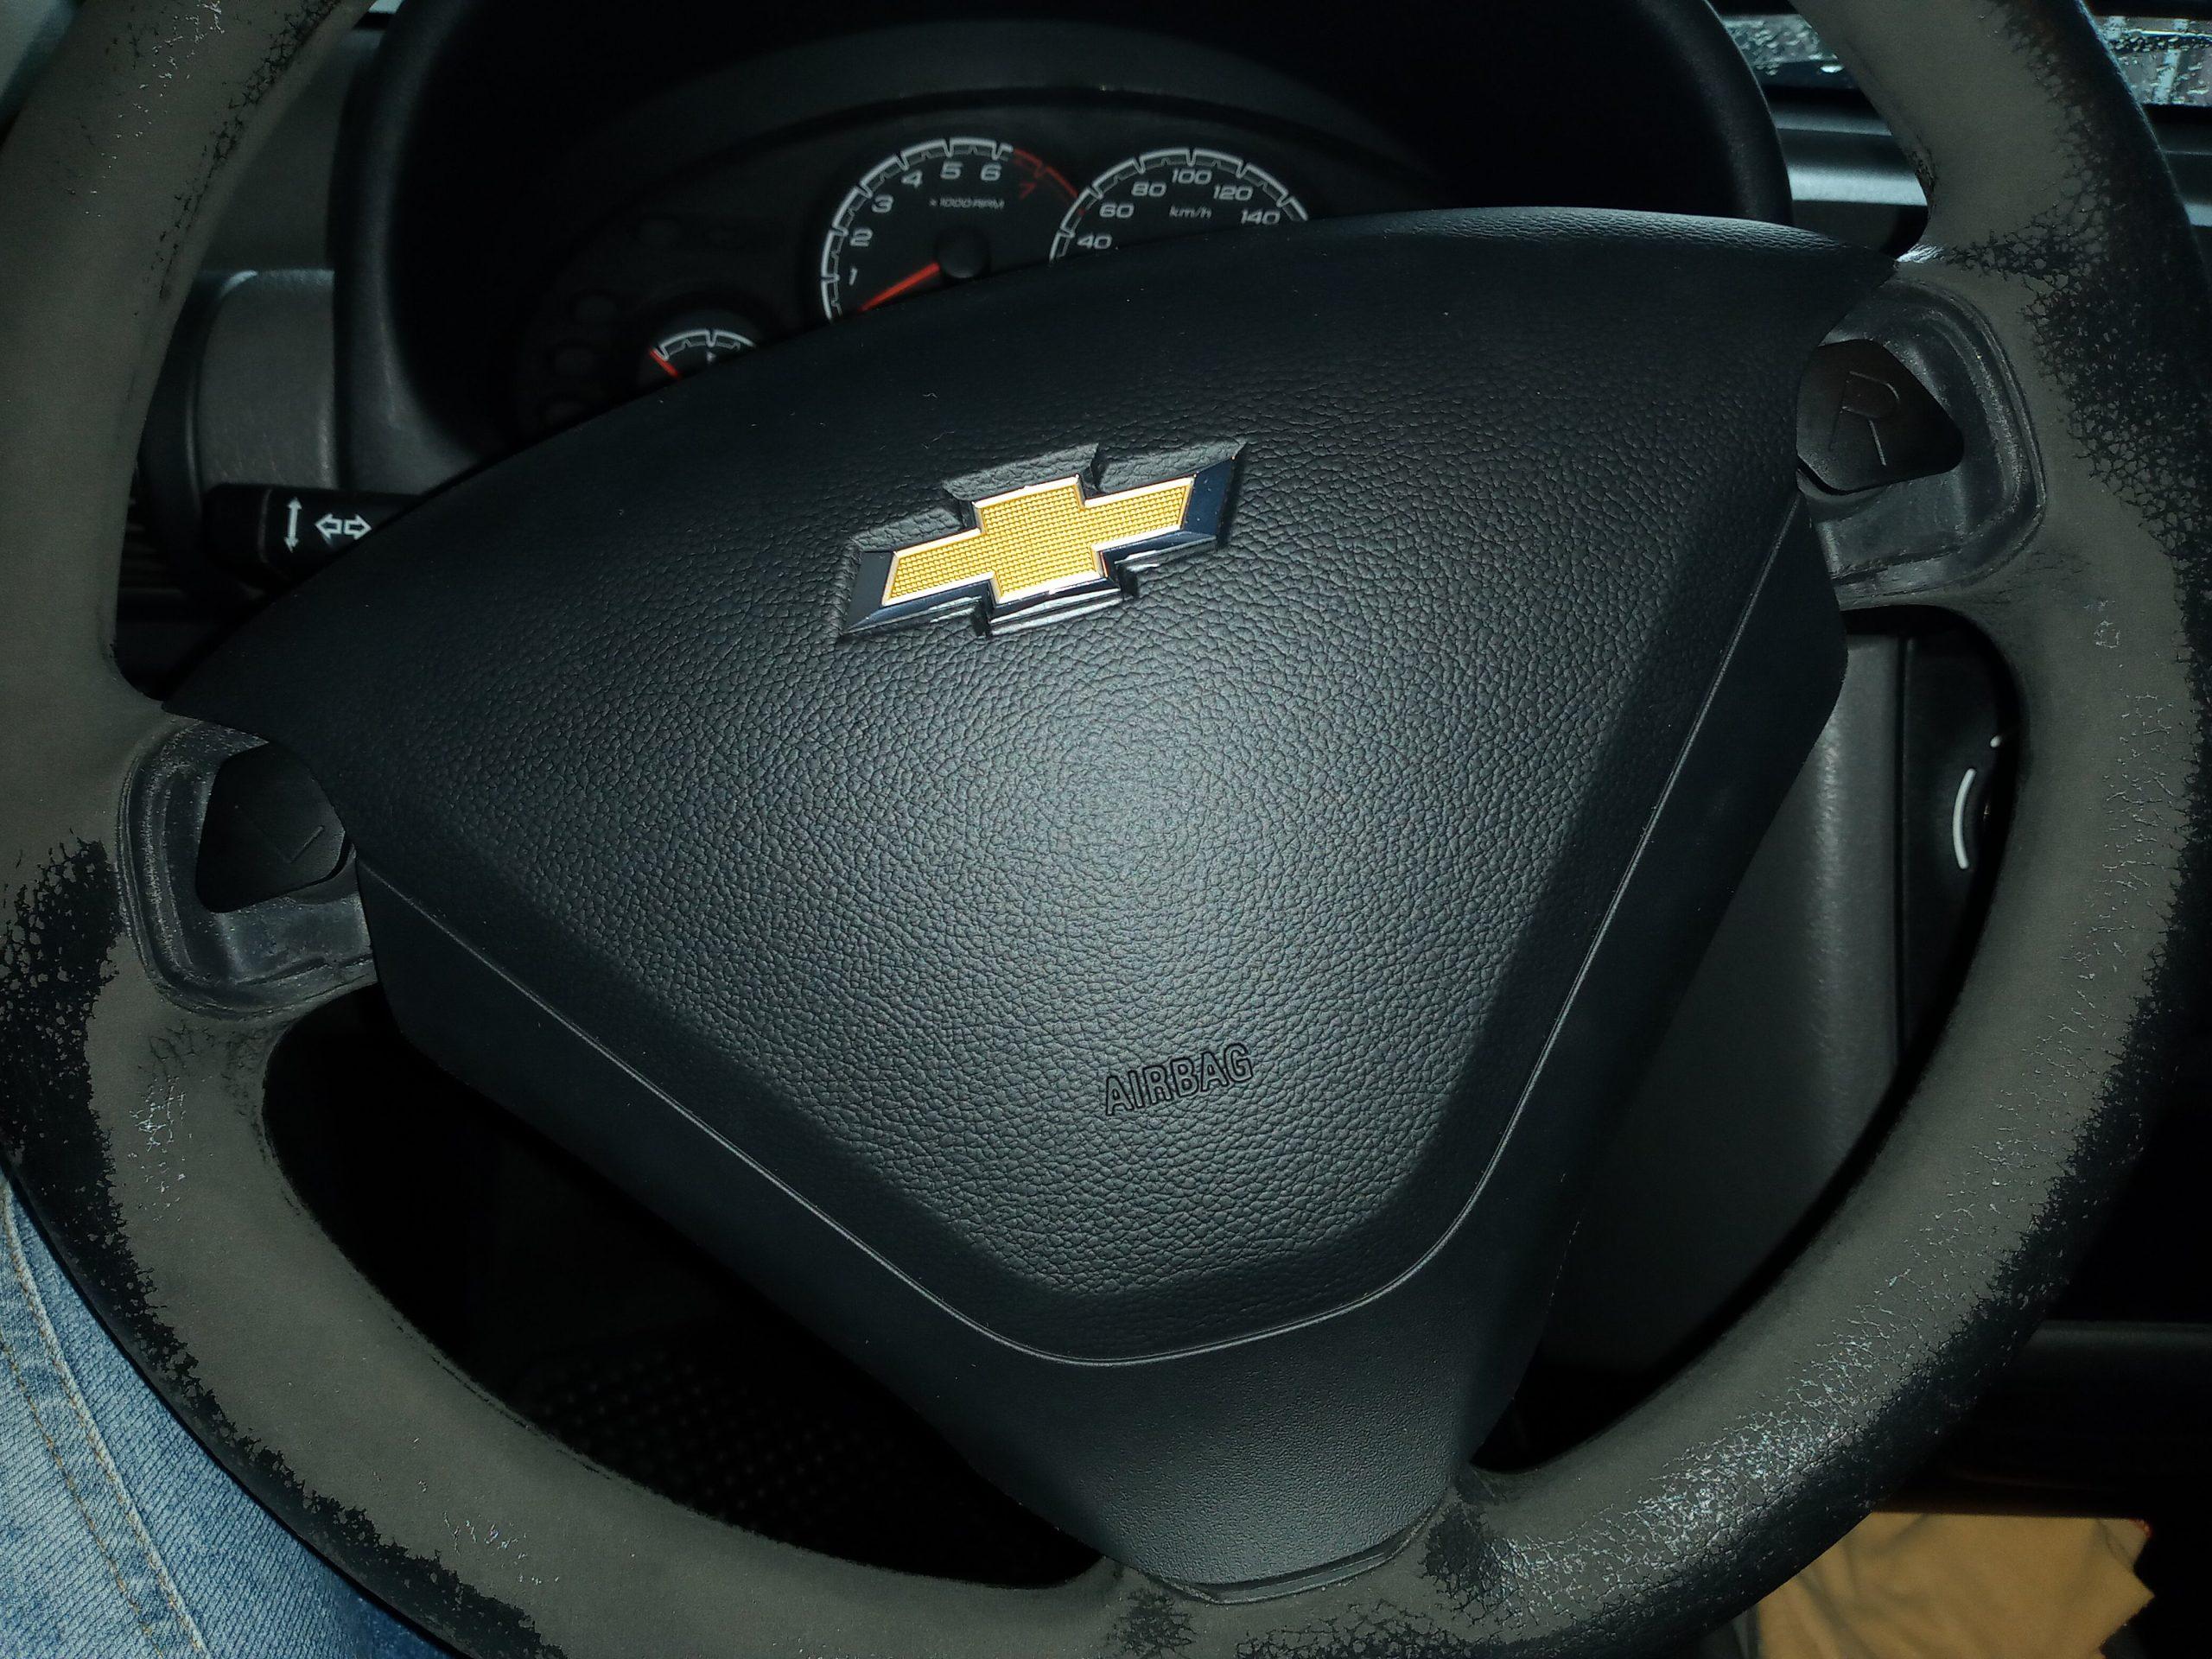 capa de voltante provisoria colocada em chevrolet classic em recall de airbag